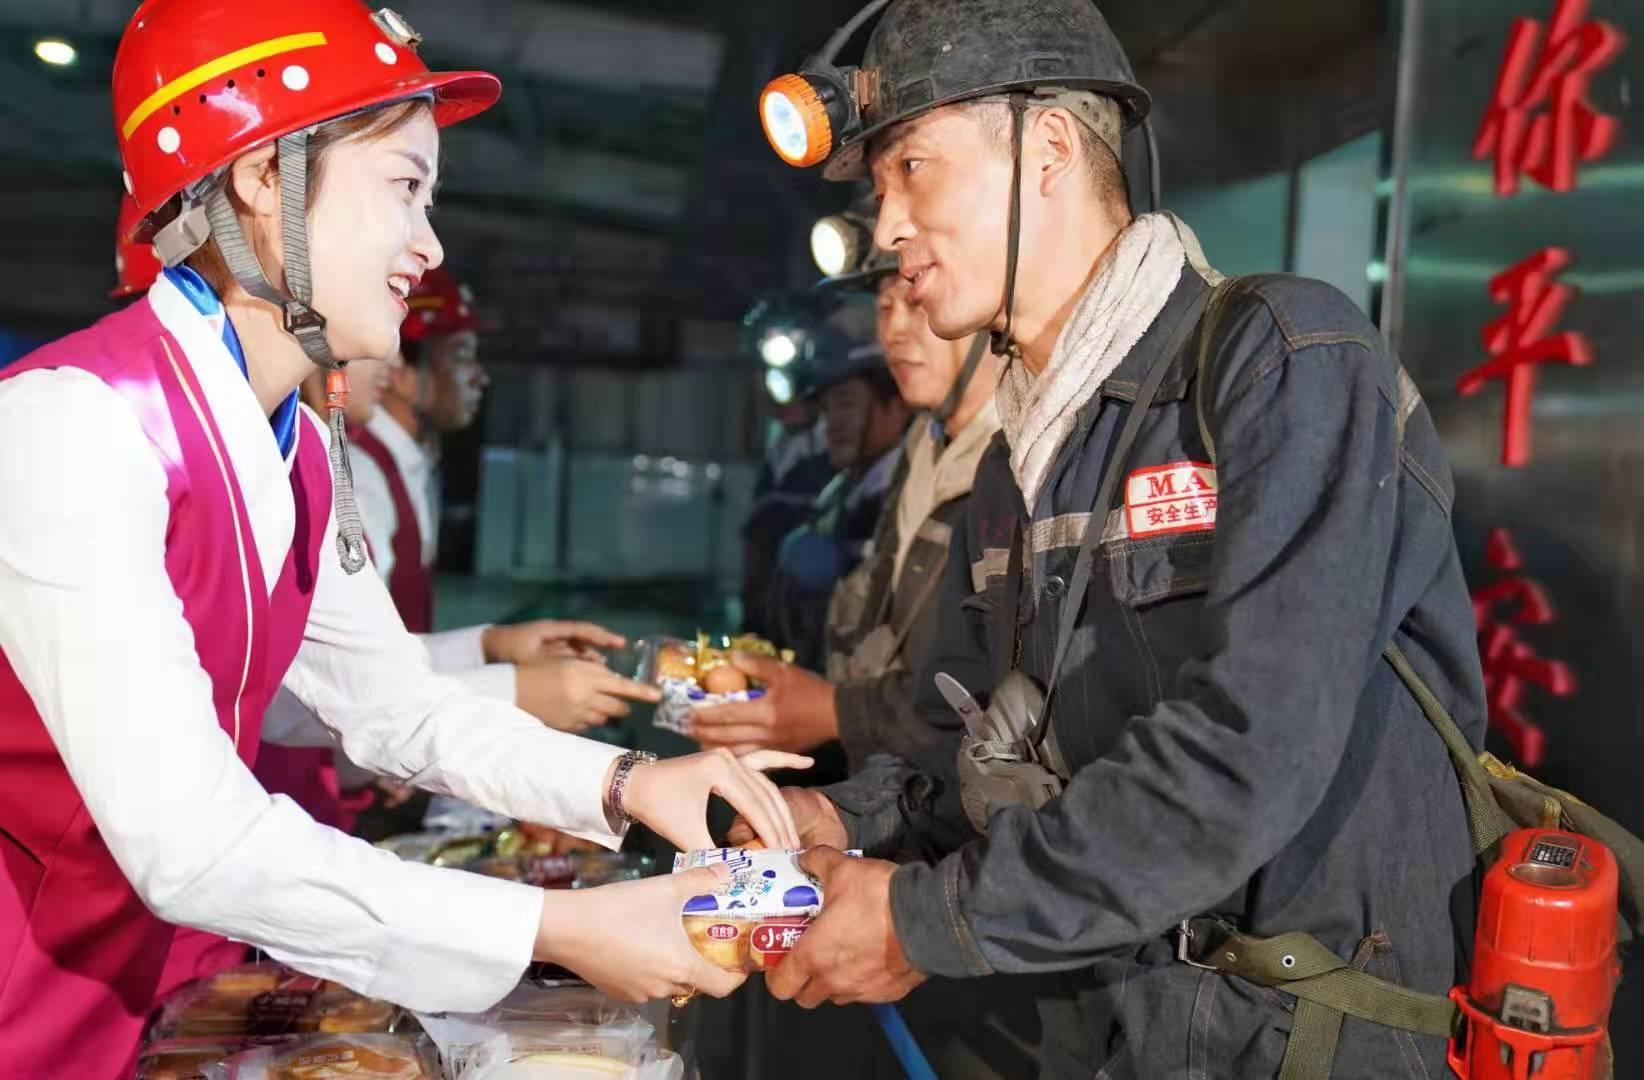 让矿工兄弟更有面儿 探访山东首家省外煤矿